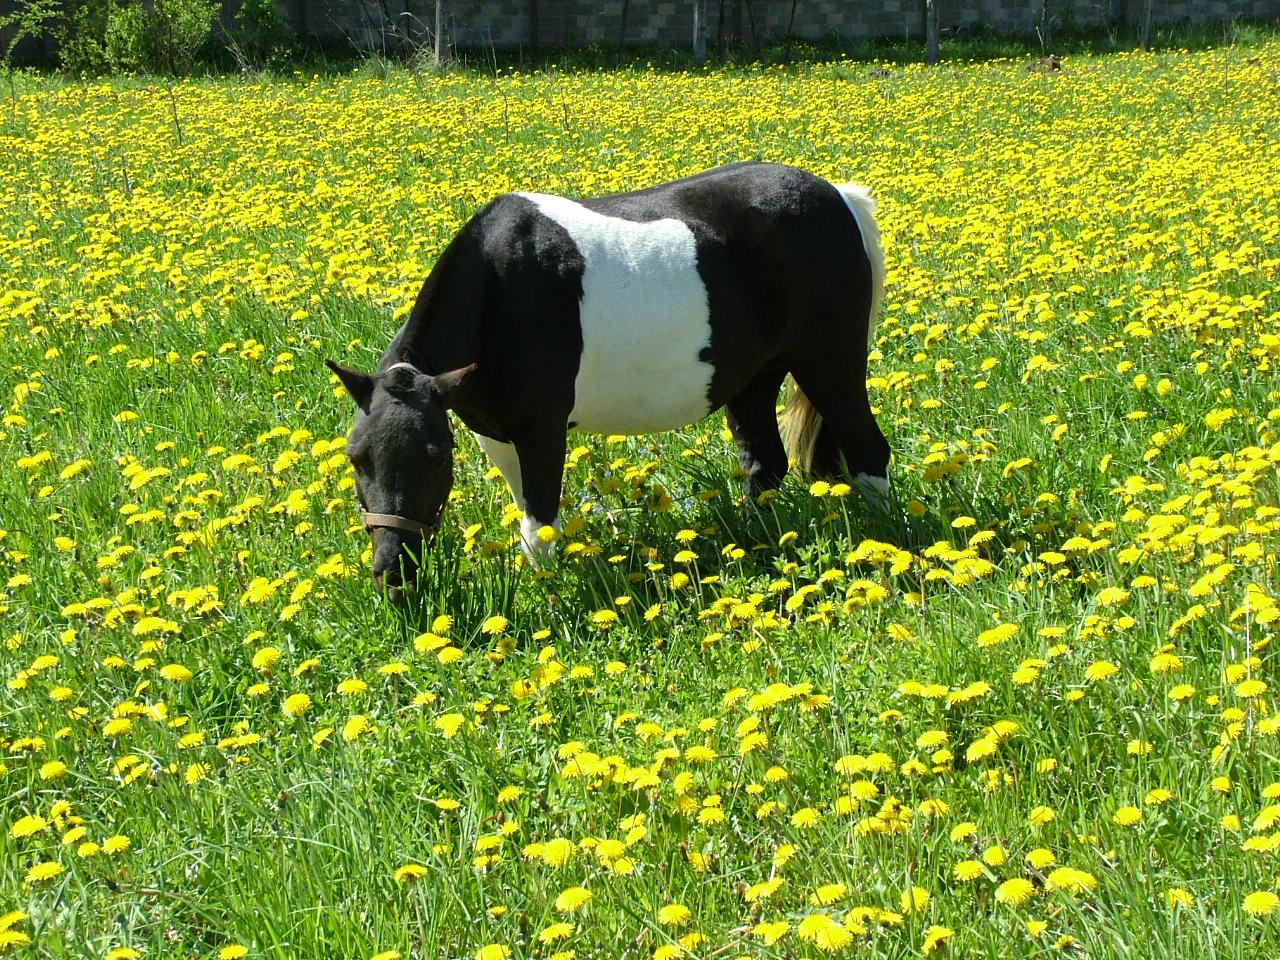 Фото пони вороно-пегой масти